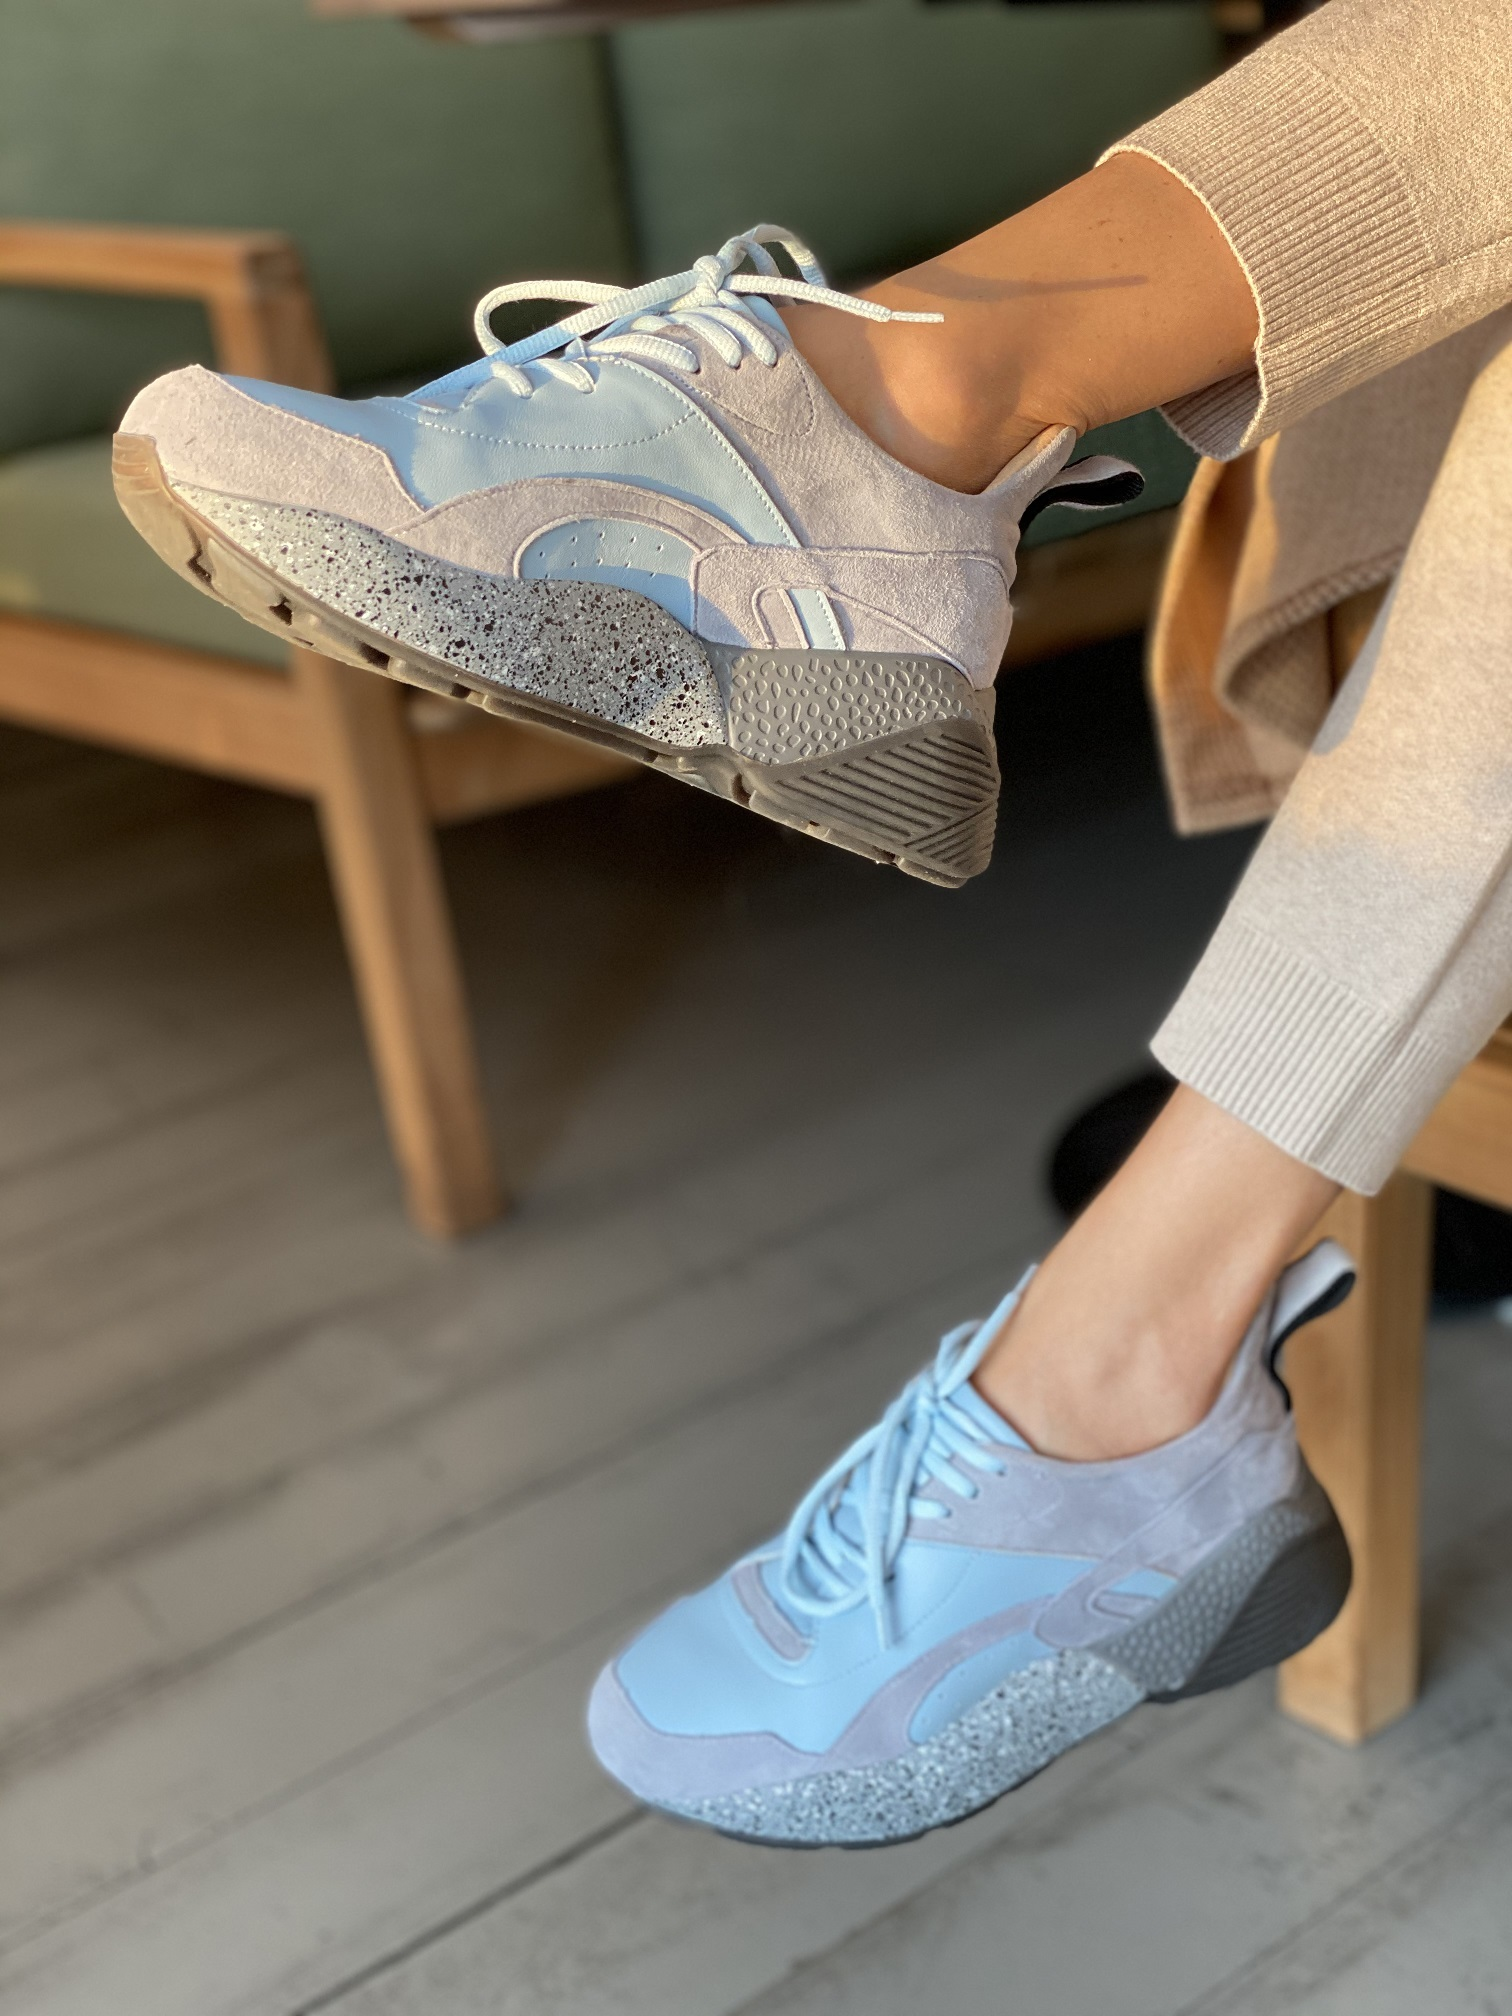 Кроссовки женские, Ballerina, Model O! (синий)